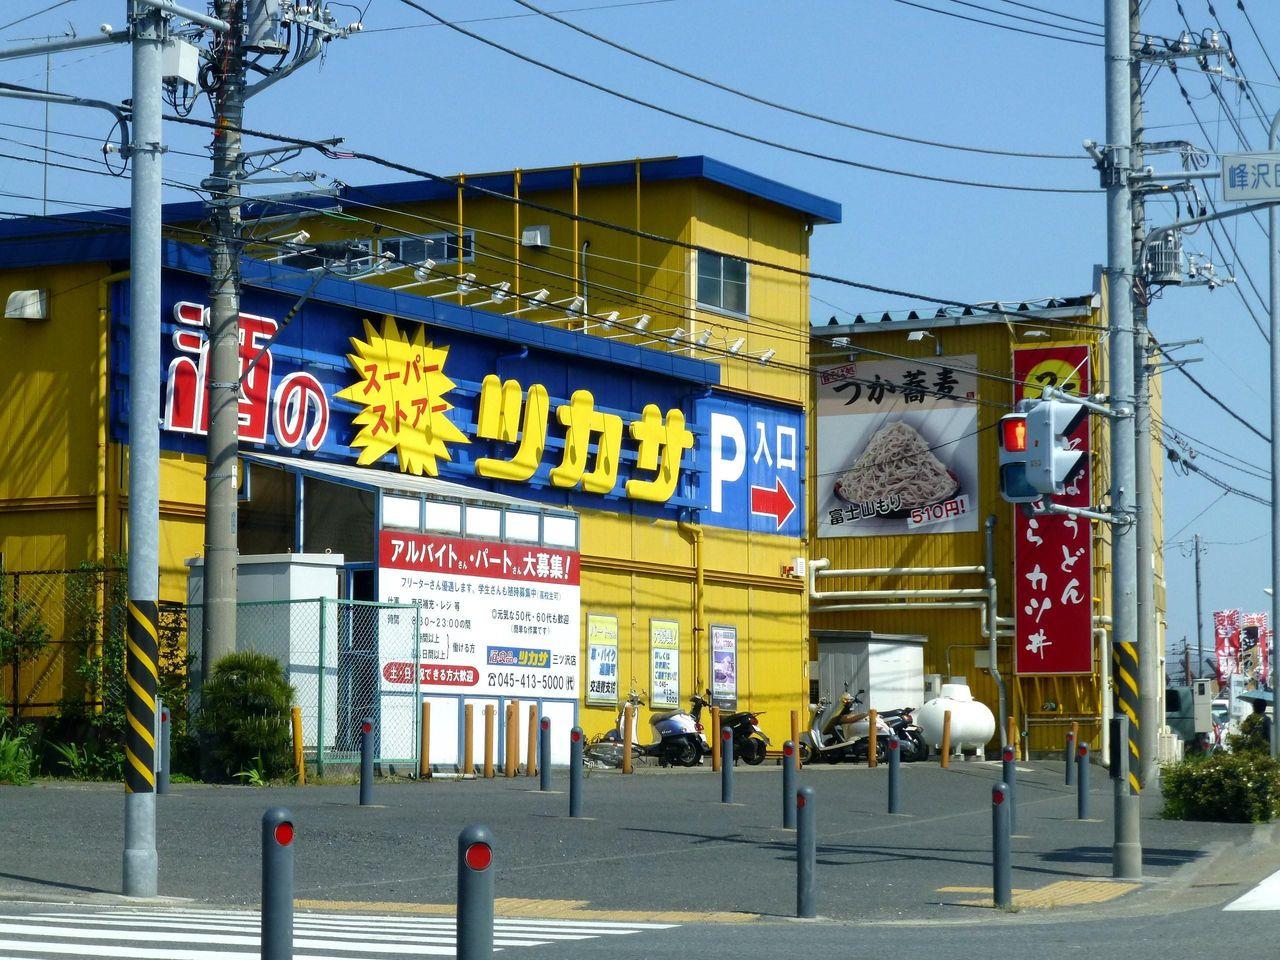 黄色いド派手な建物が目印です!